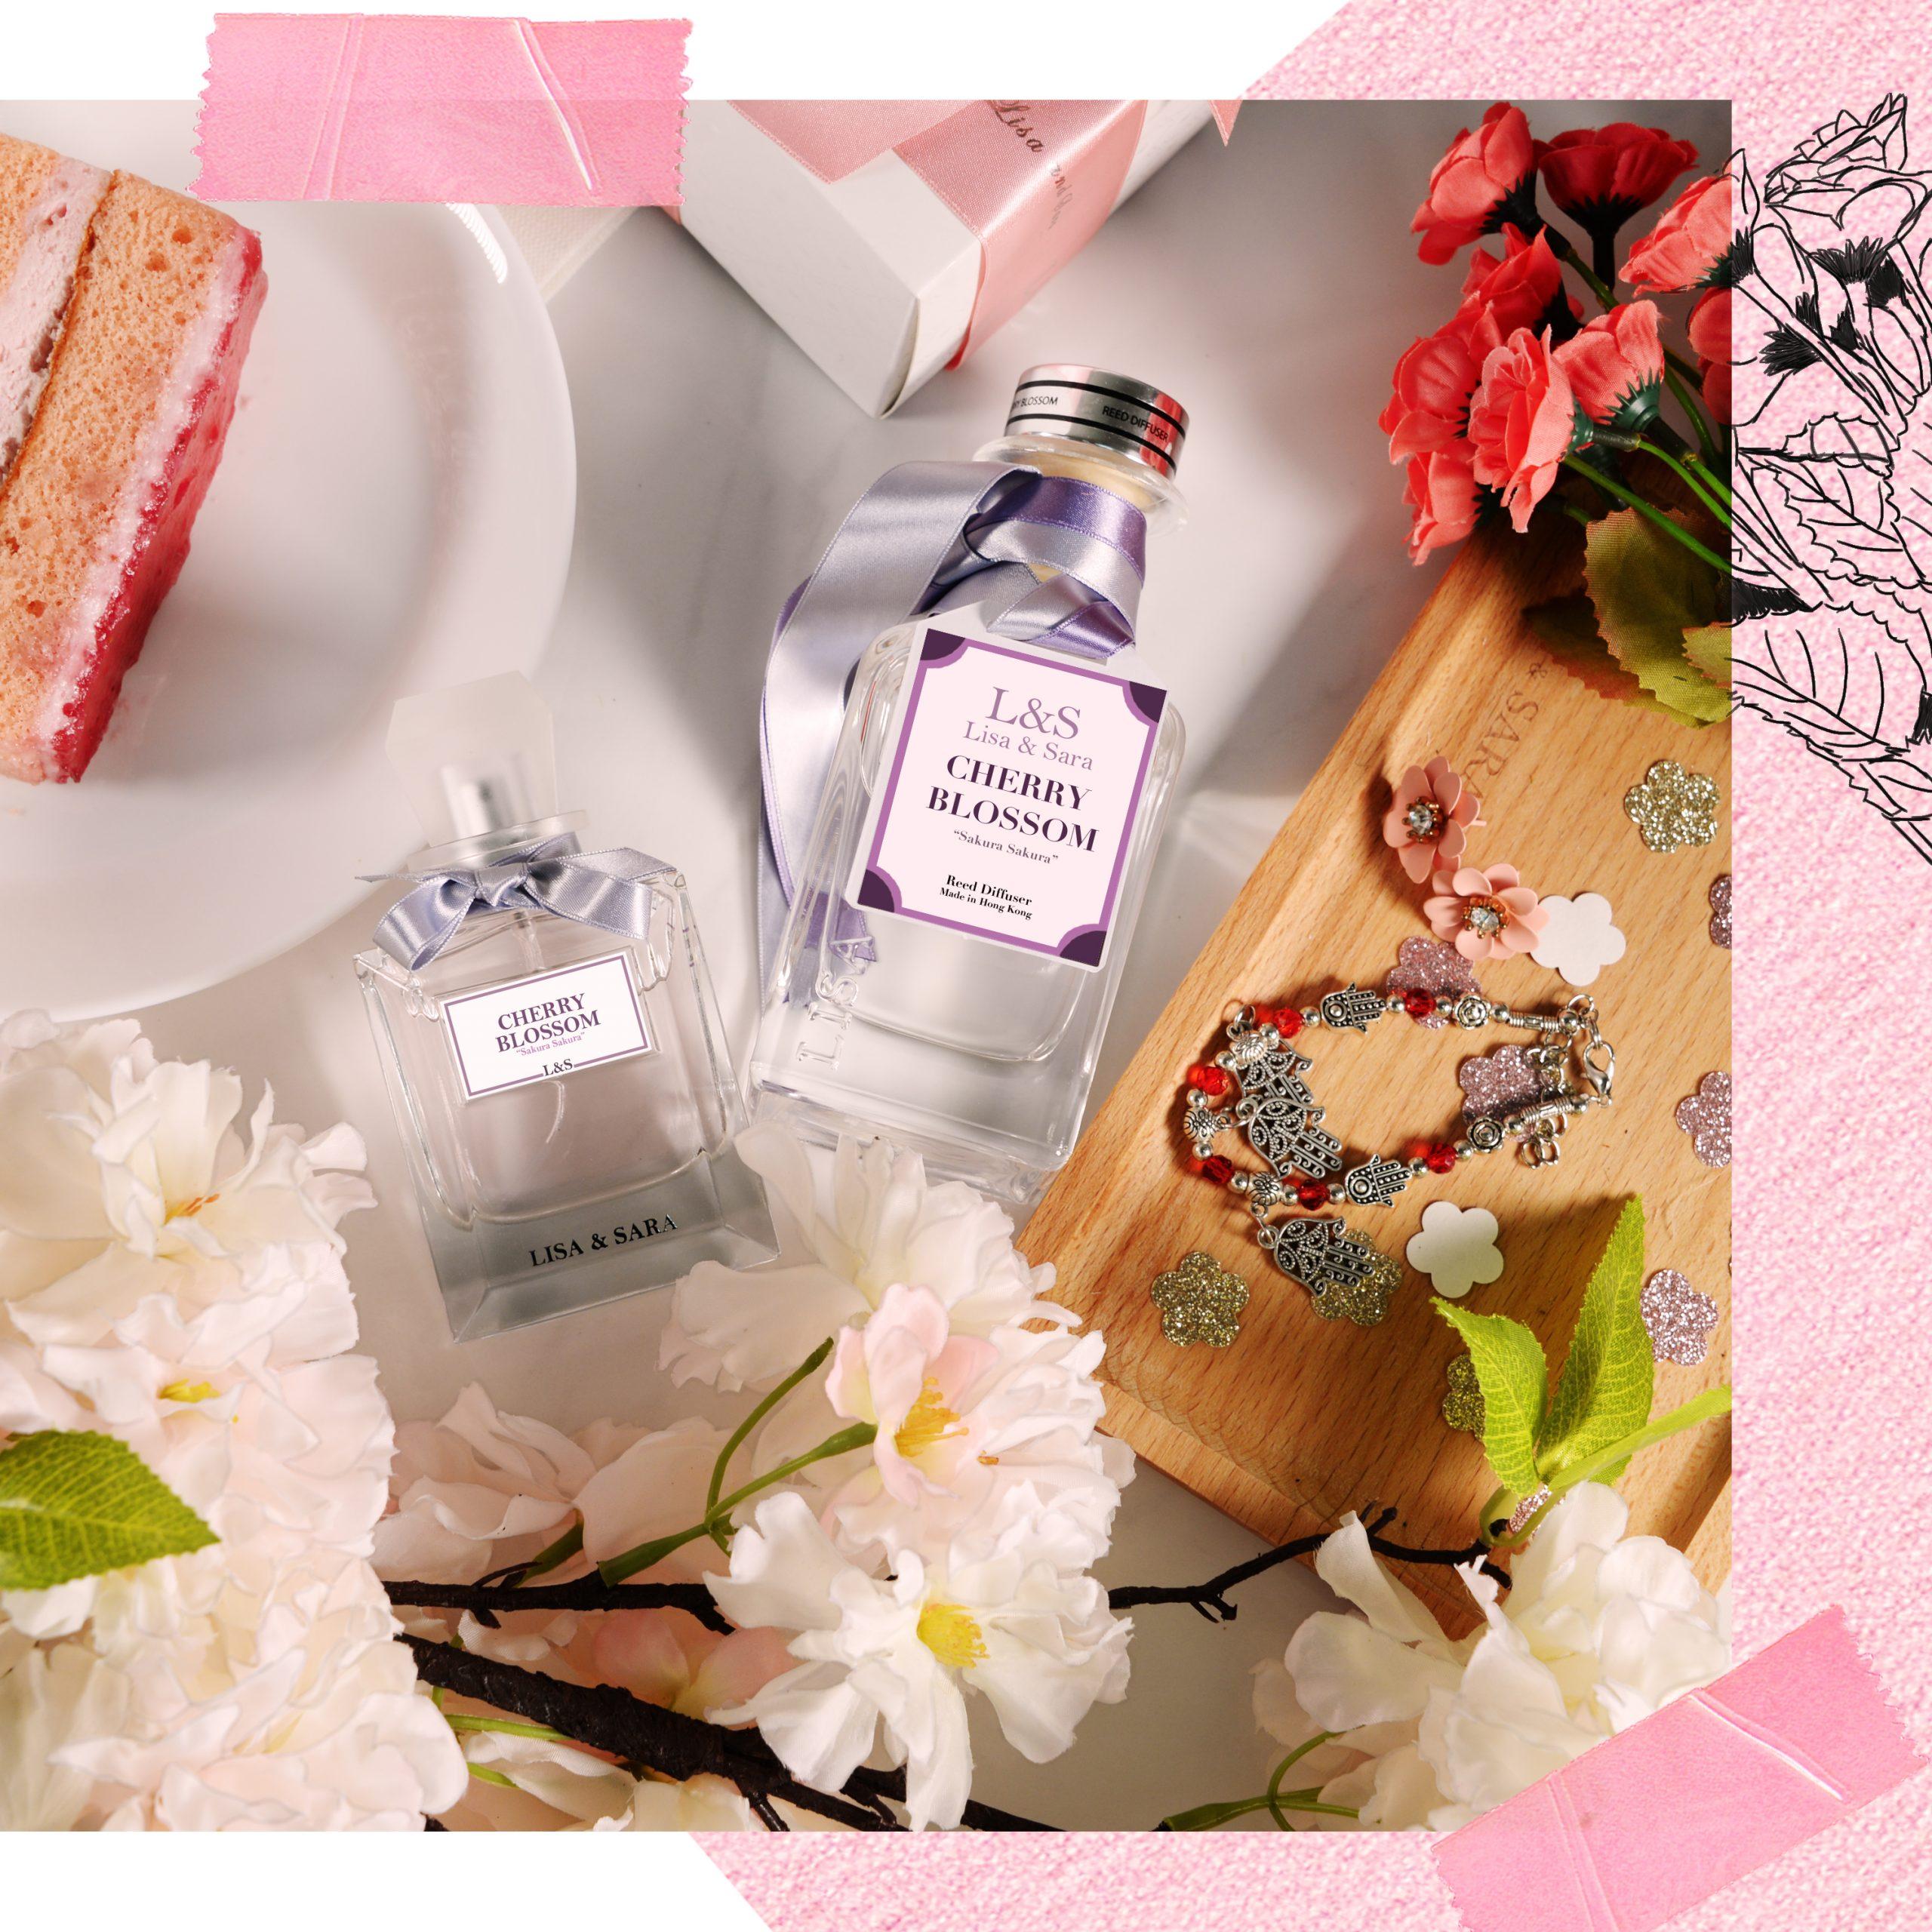 IG_cherry blossom_5